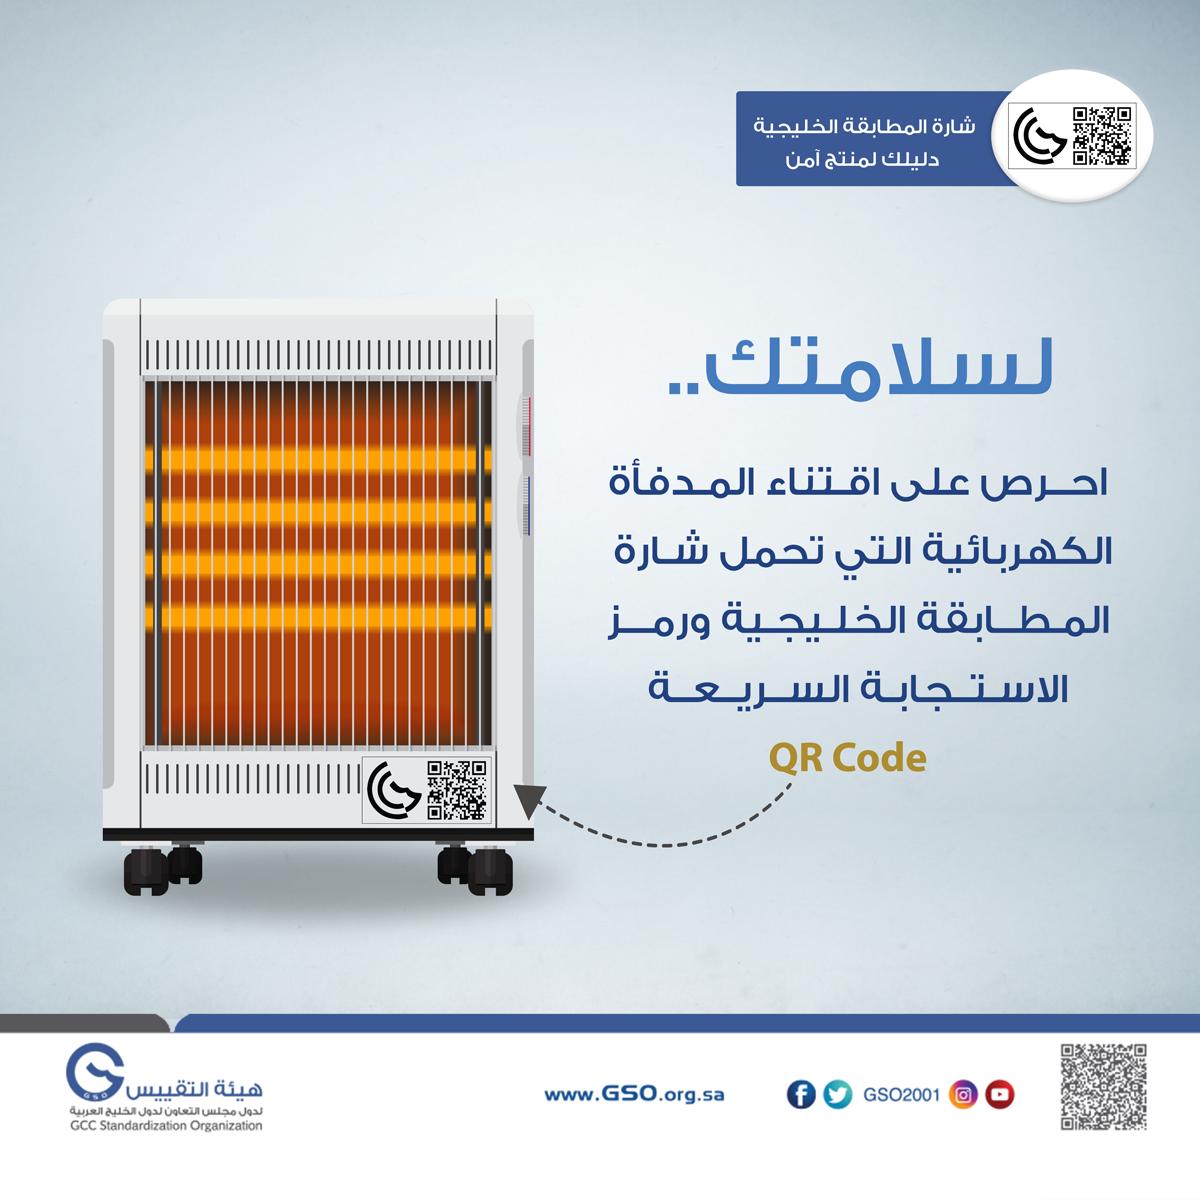 هيئة التقييس تقدم نصائح وإرشادات تتعلق بالدفايات الكهربائية